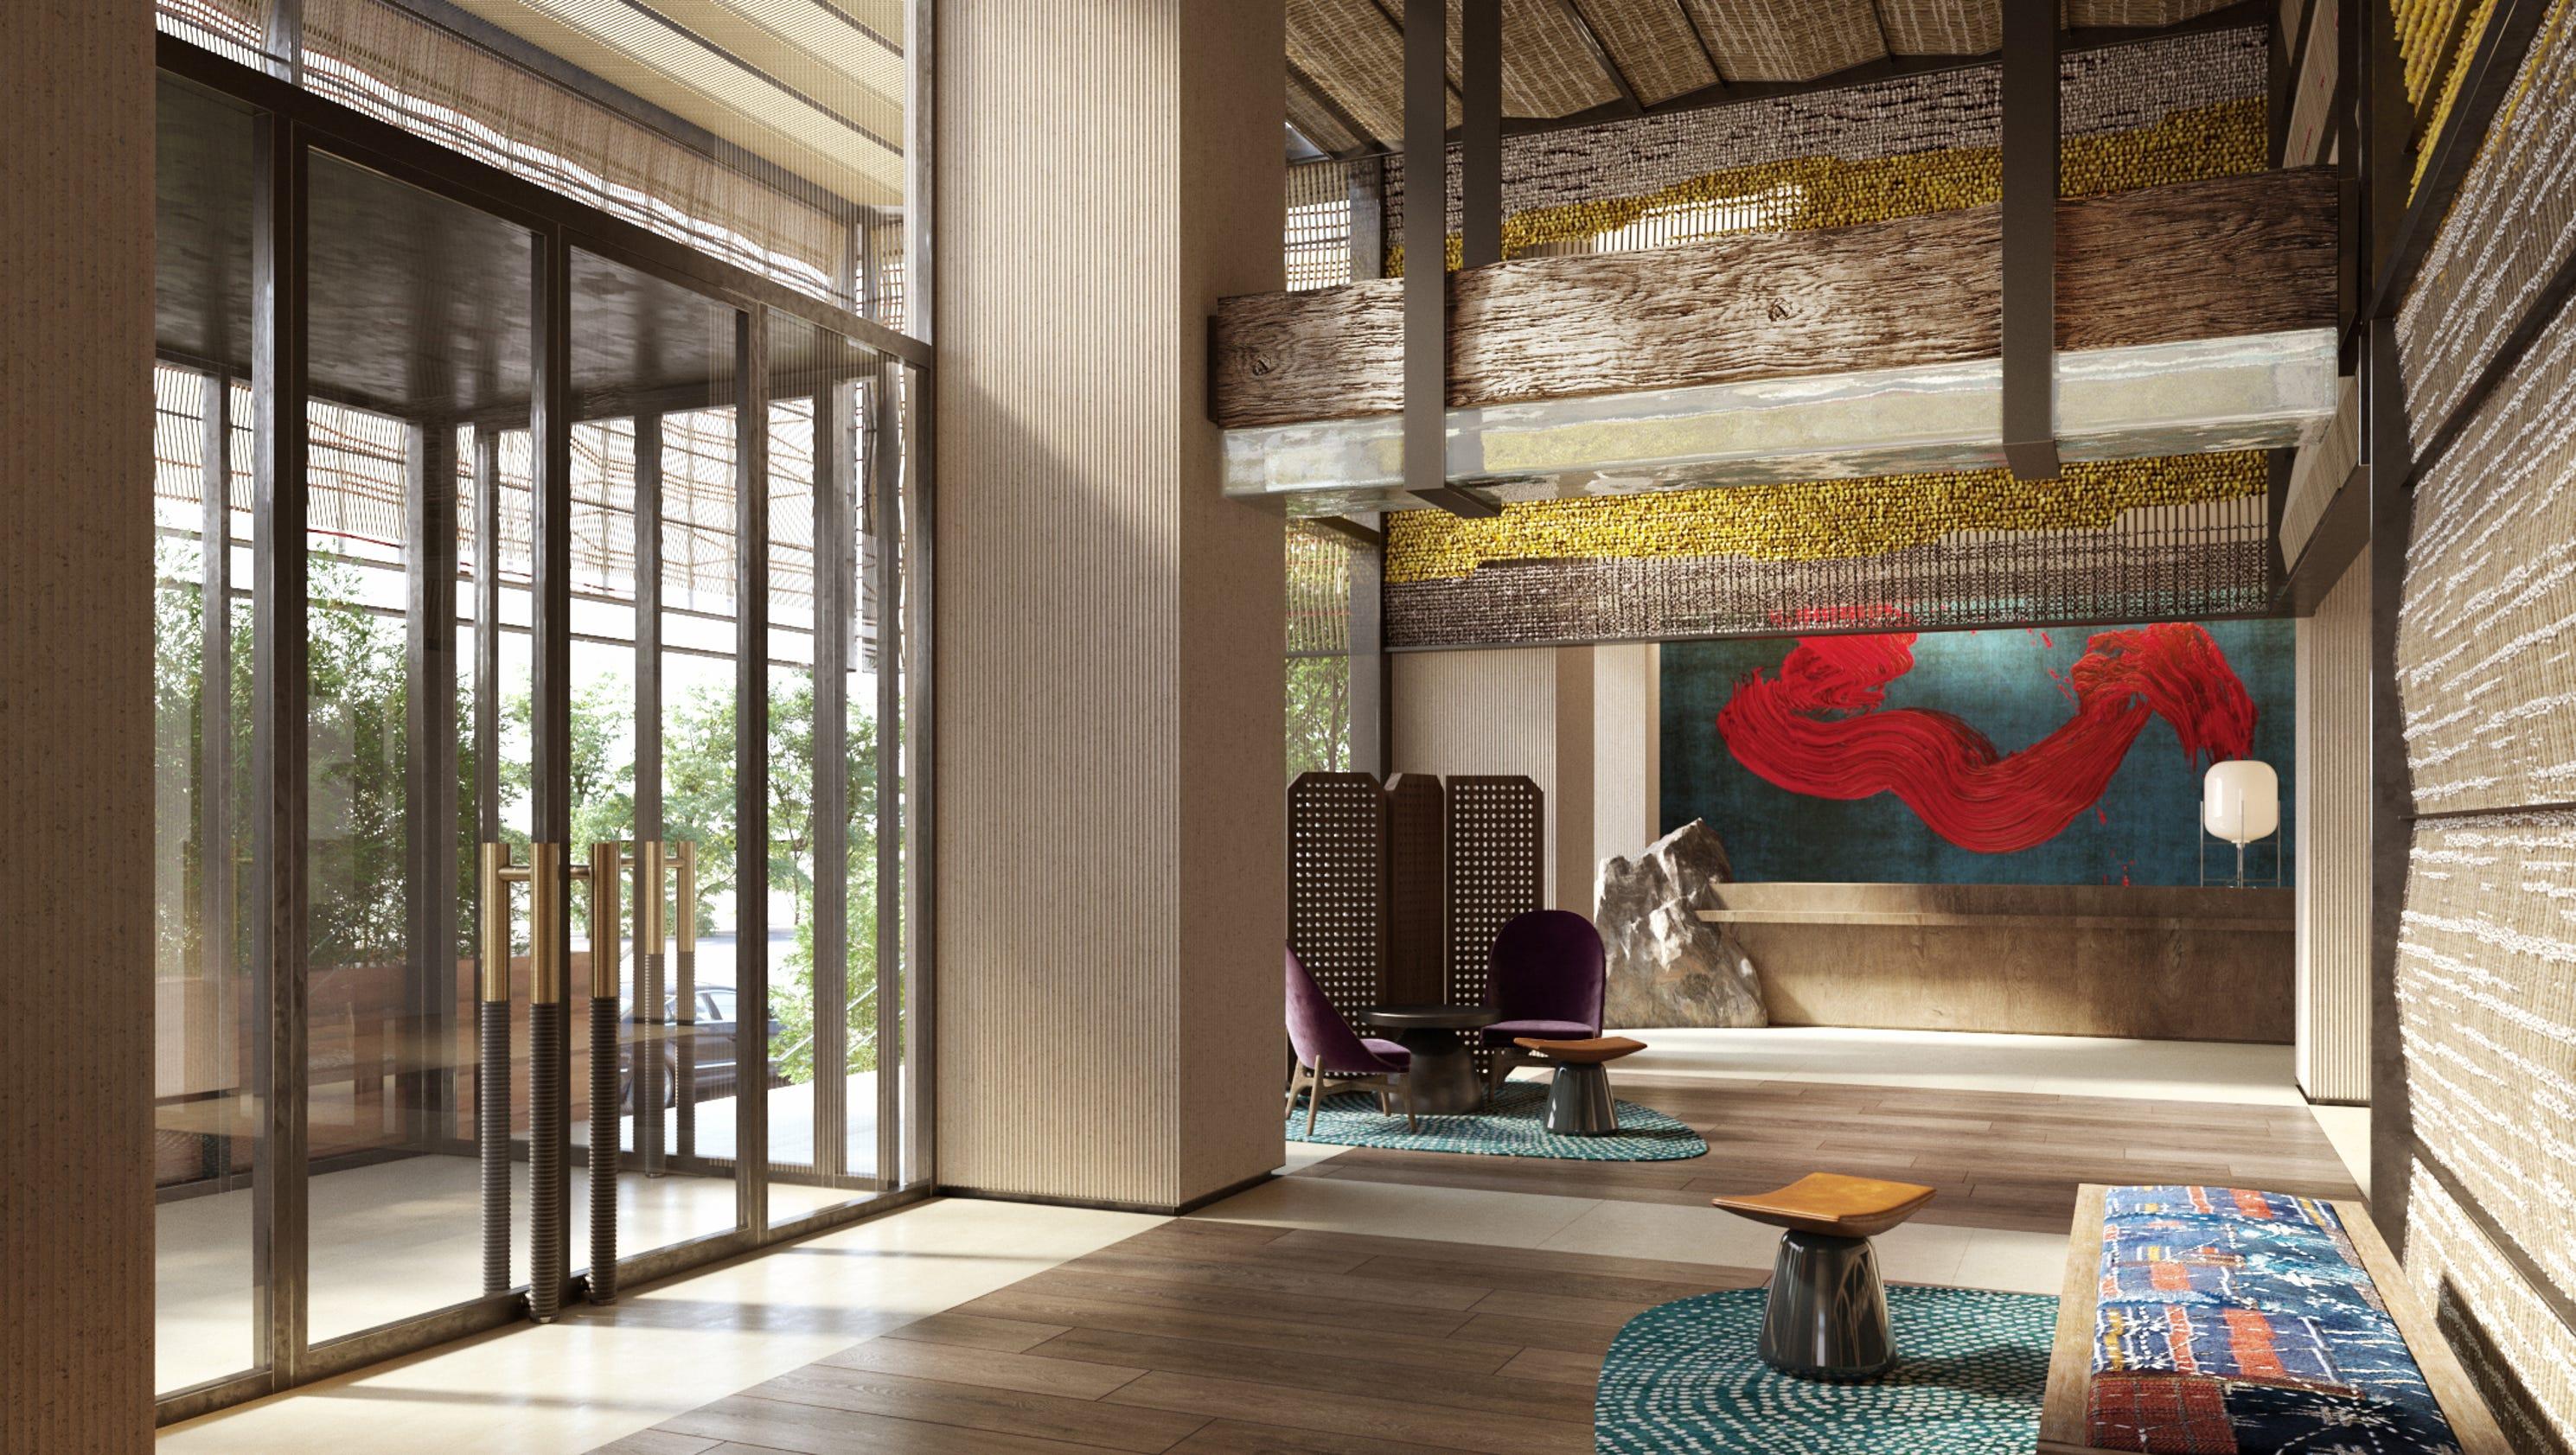 Robert de niro to open more nobu hotels in 2018 for Design hotel group